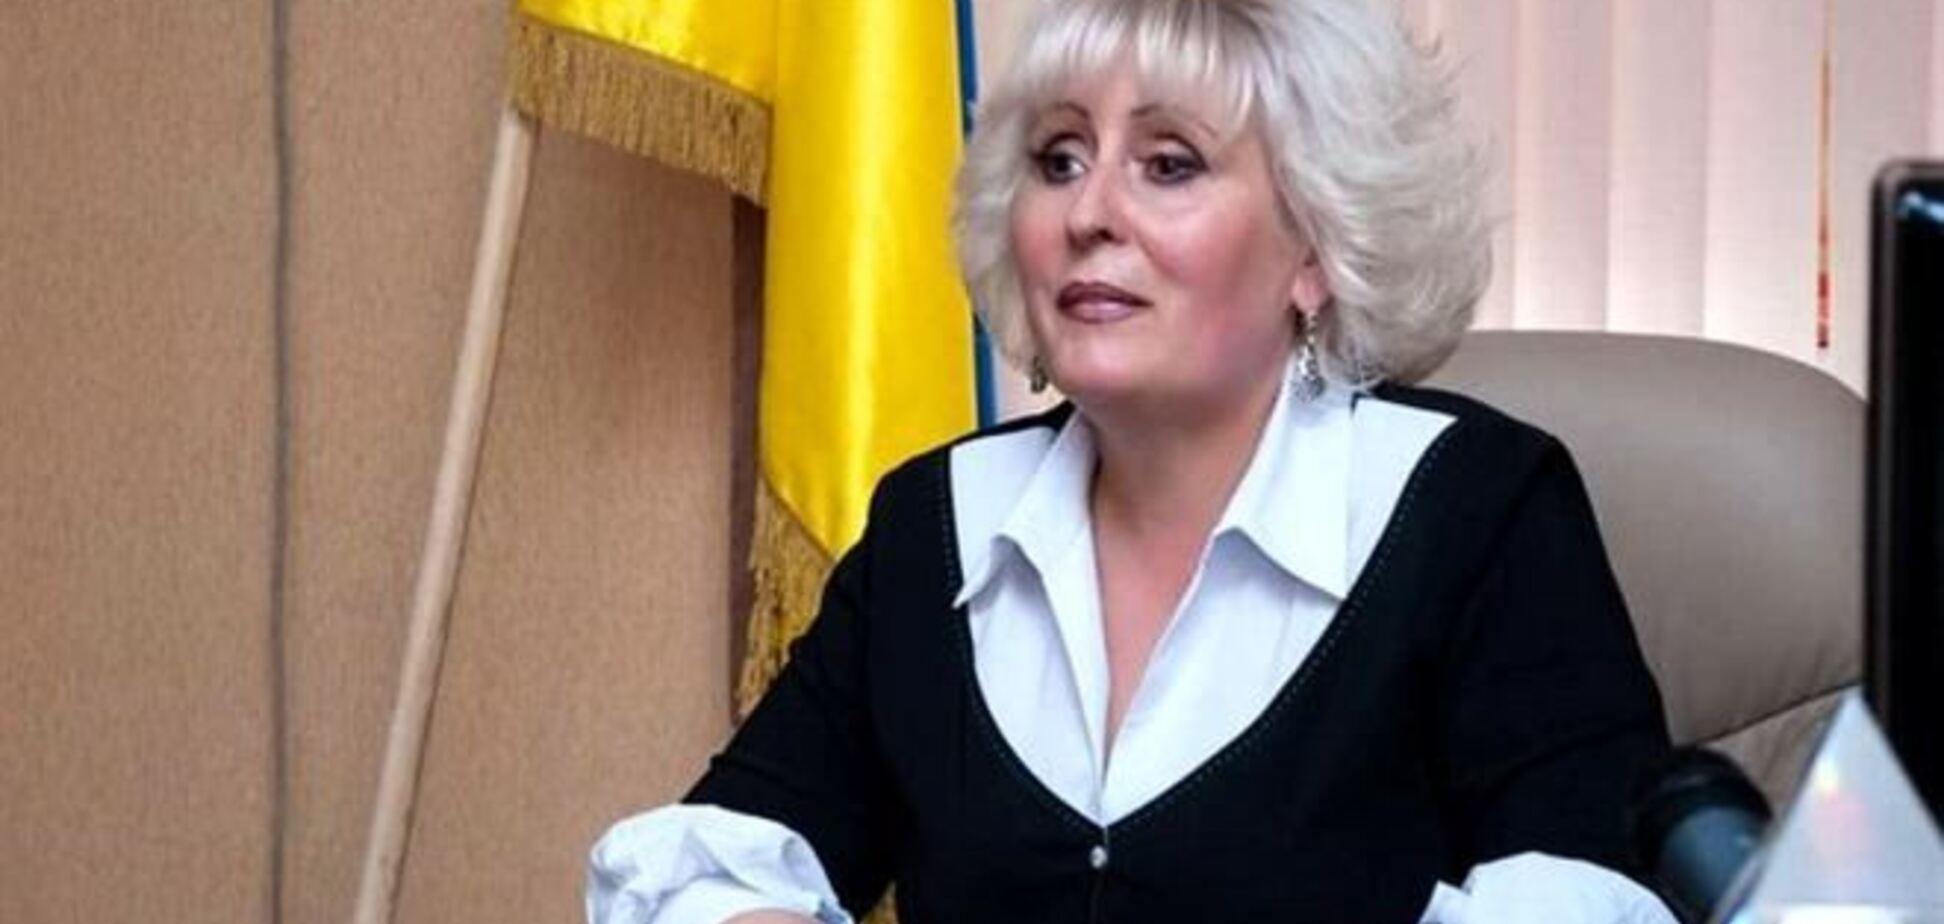 Мэр Славянска бежала из города, сепаратисты 'взяли руководство на себя'